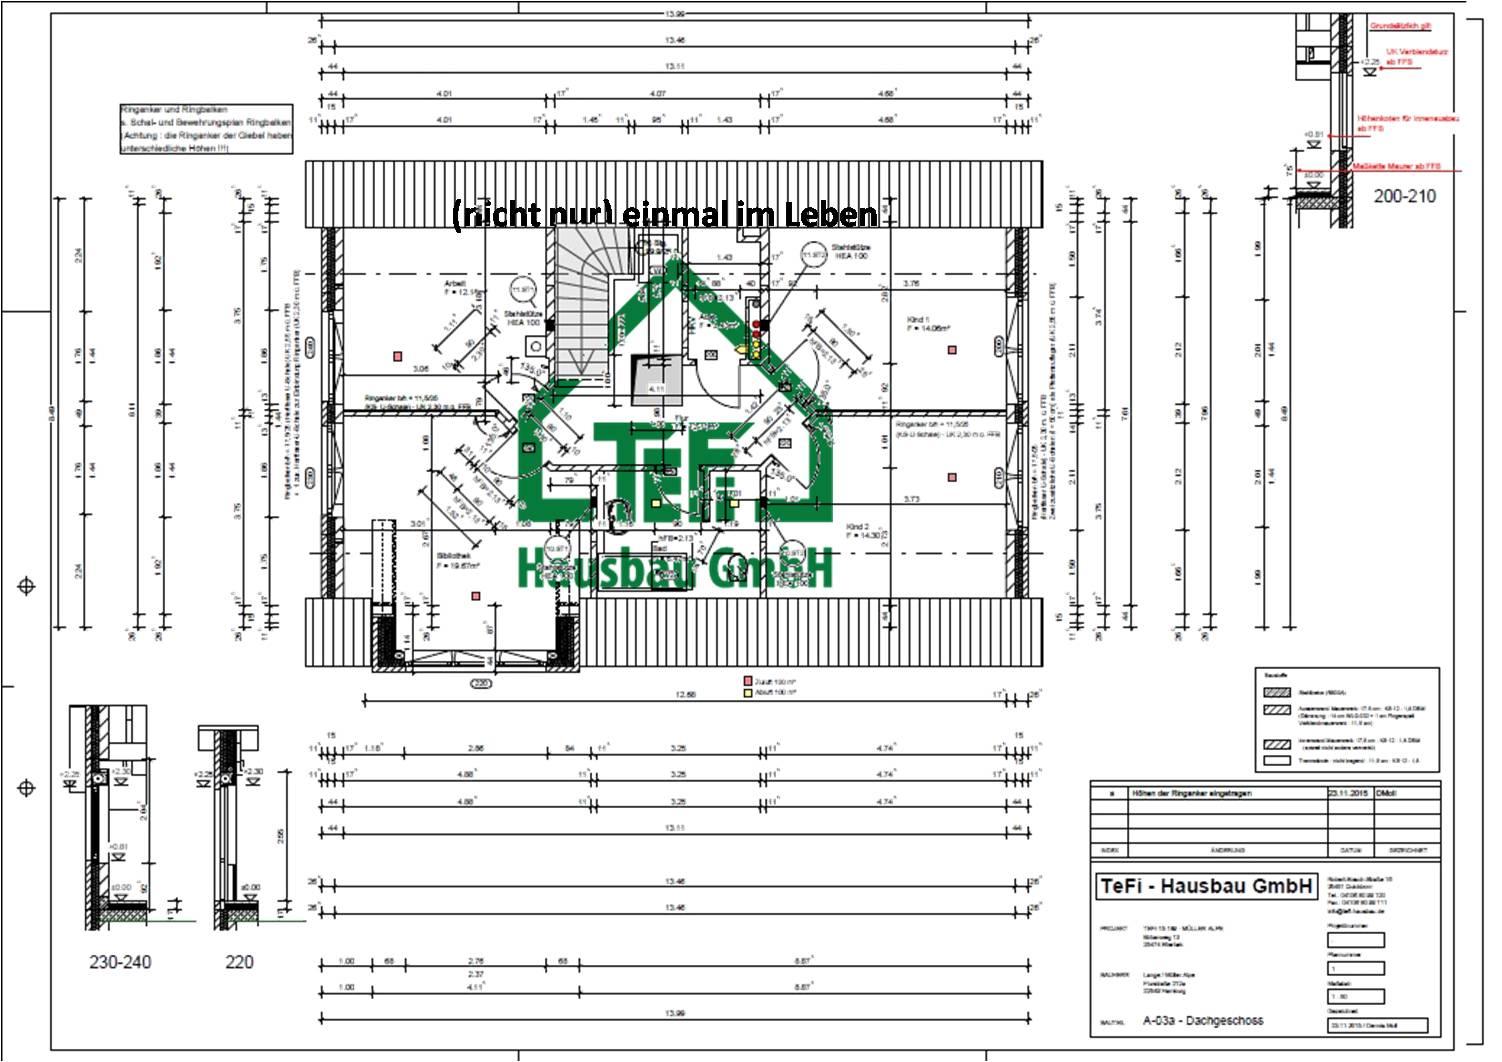 nicht nur einmal im leben geschichte eines eigenheims letze nderungen am grundriss und. Black Bedroom Furniture Sets. Home Design Ideas